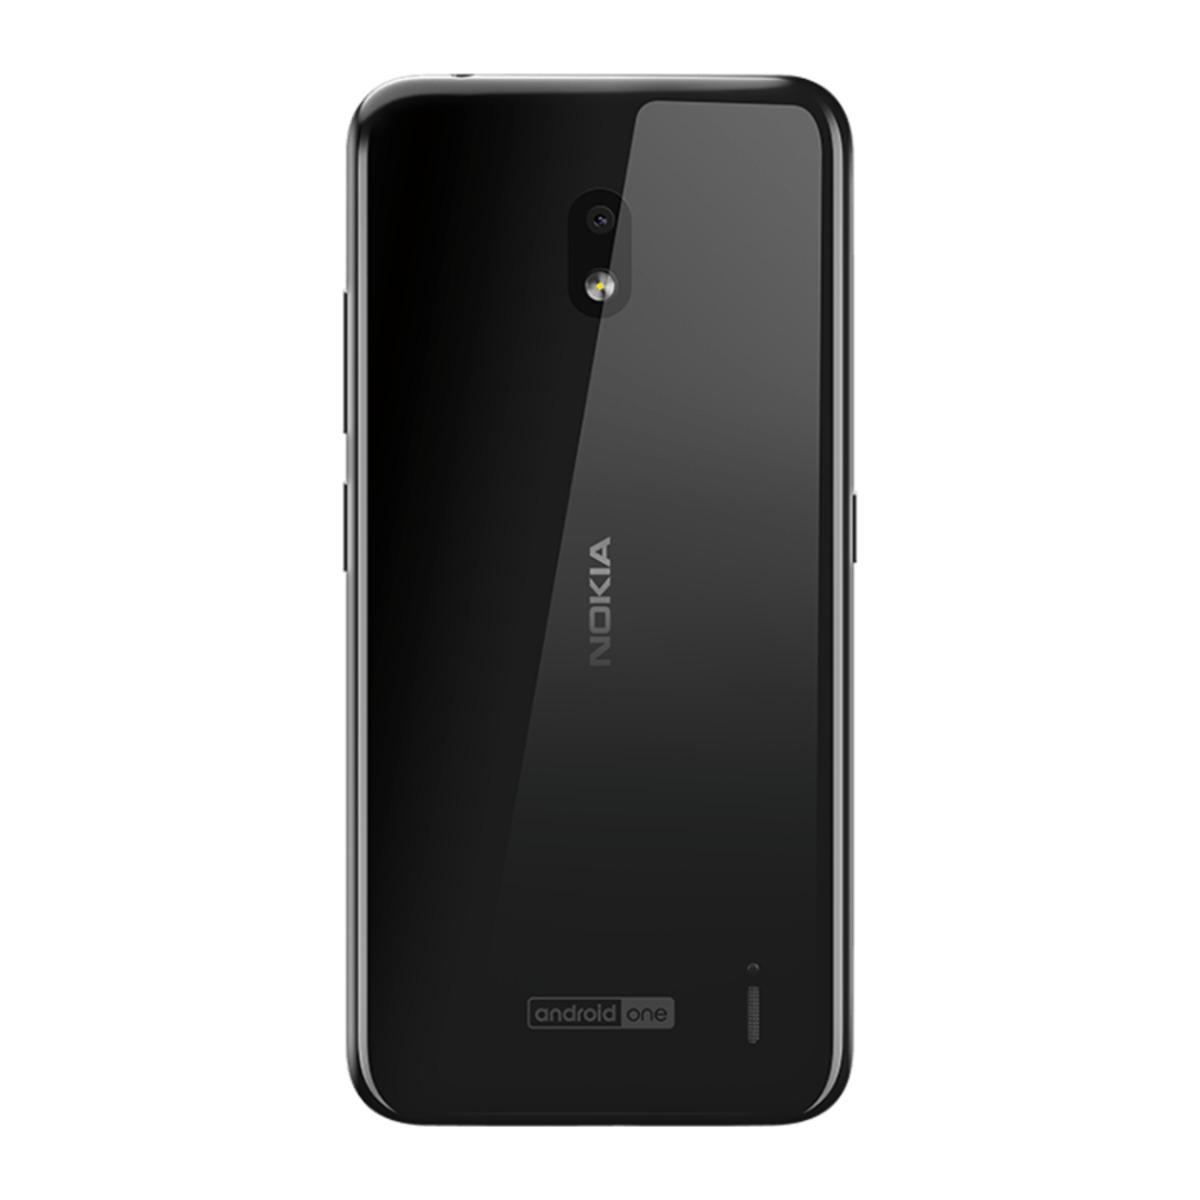 """Bild 3 von NOKIA 2.2 (2019) 14,5 cm (5,71"""") Smartphone mit Android 9"""